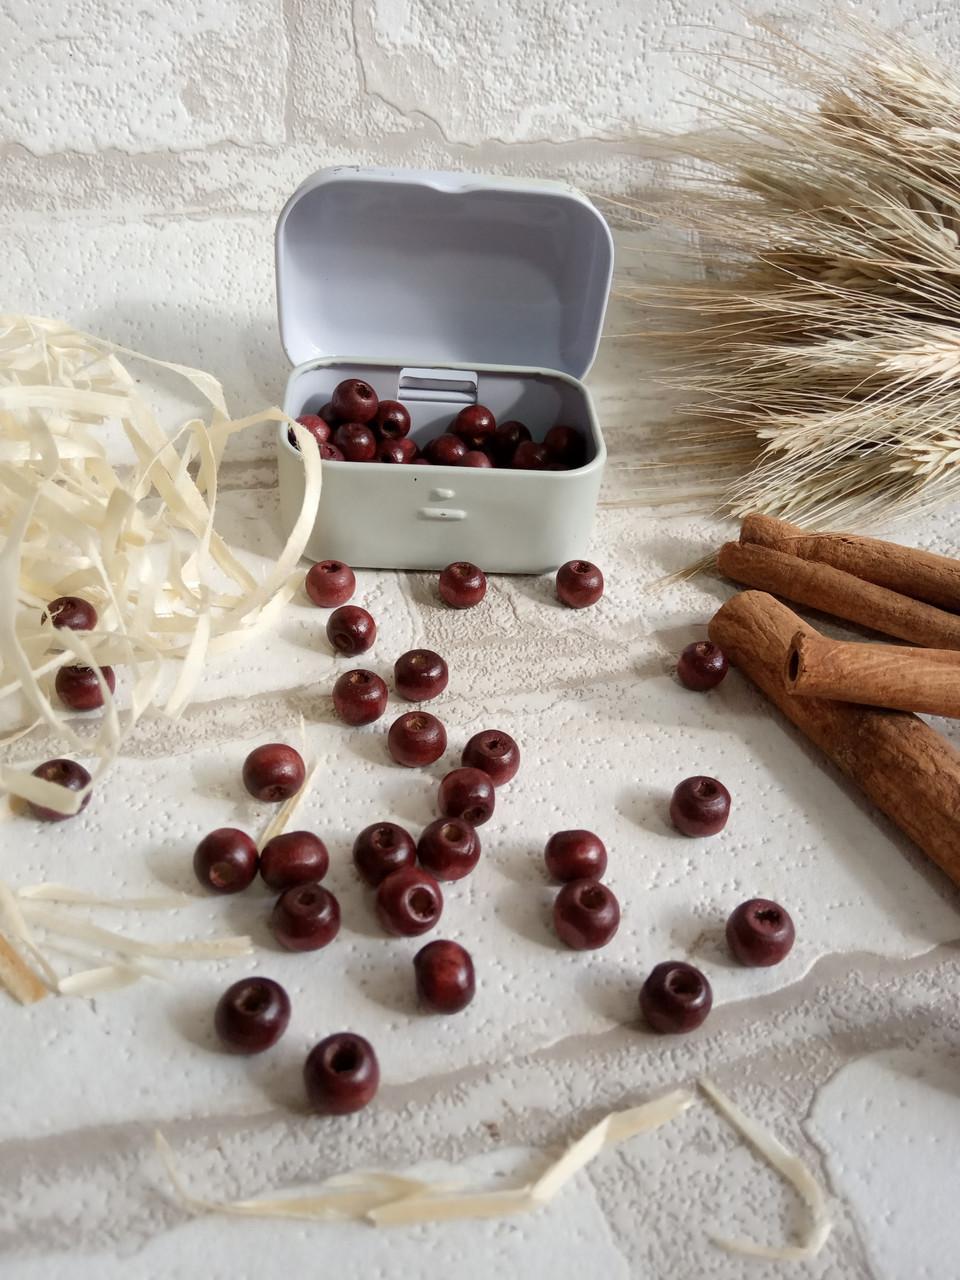 Дерев'яні бусіни вишнево-коричневого кольору, 60 шт,  діаметр - 0,8 см., 15 грн.